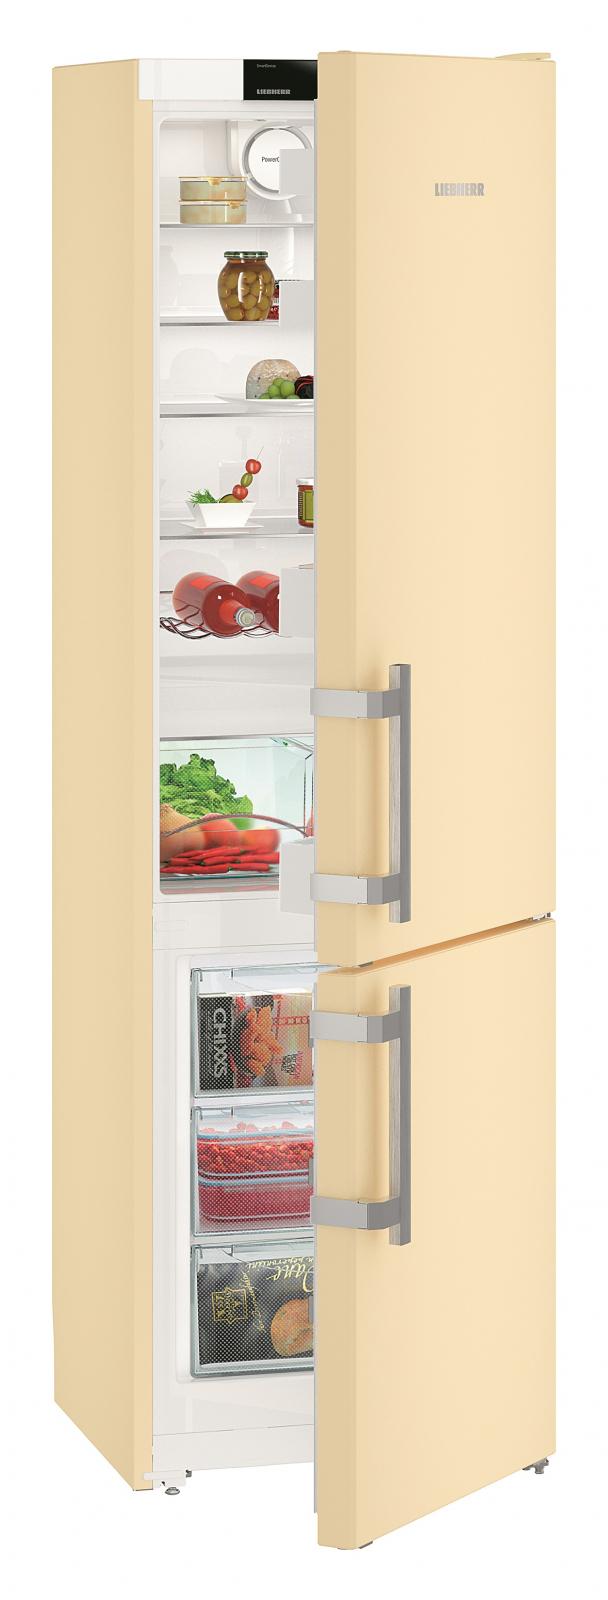 купить Двухкамерный холодильник Liebherr Cbe 4025 Украина фото 8